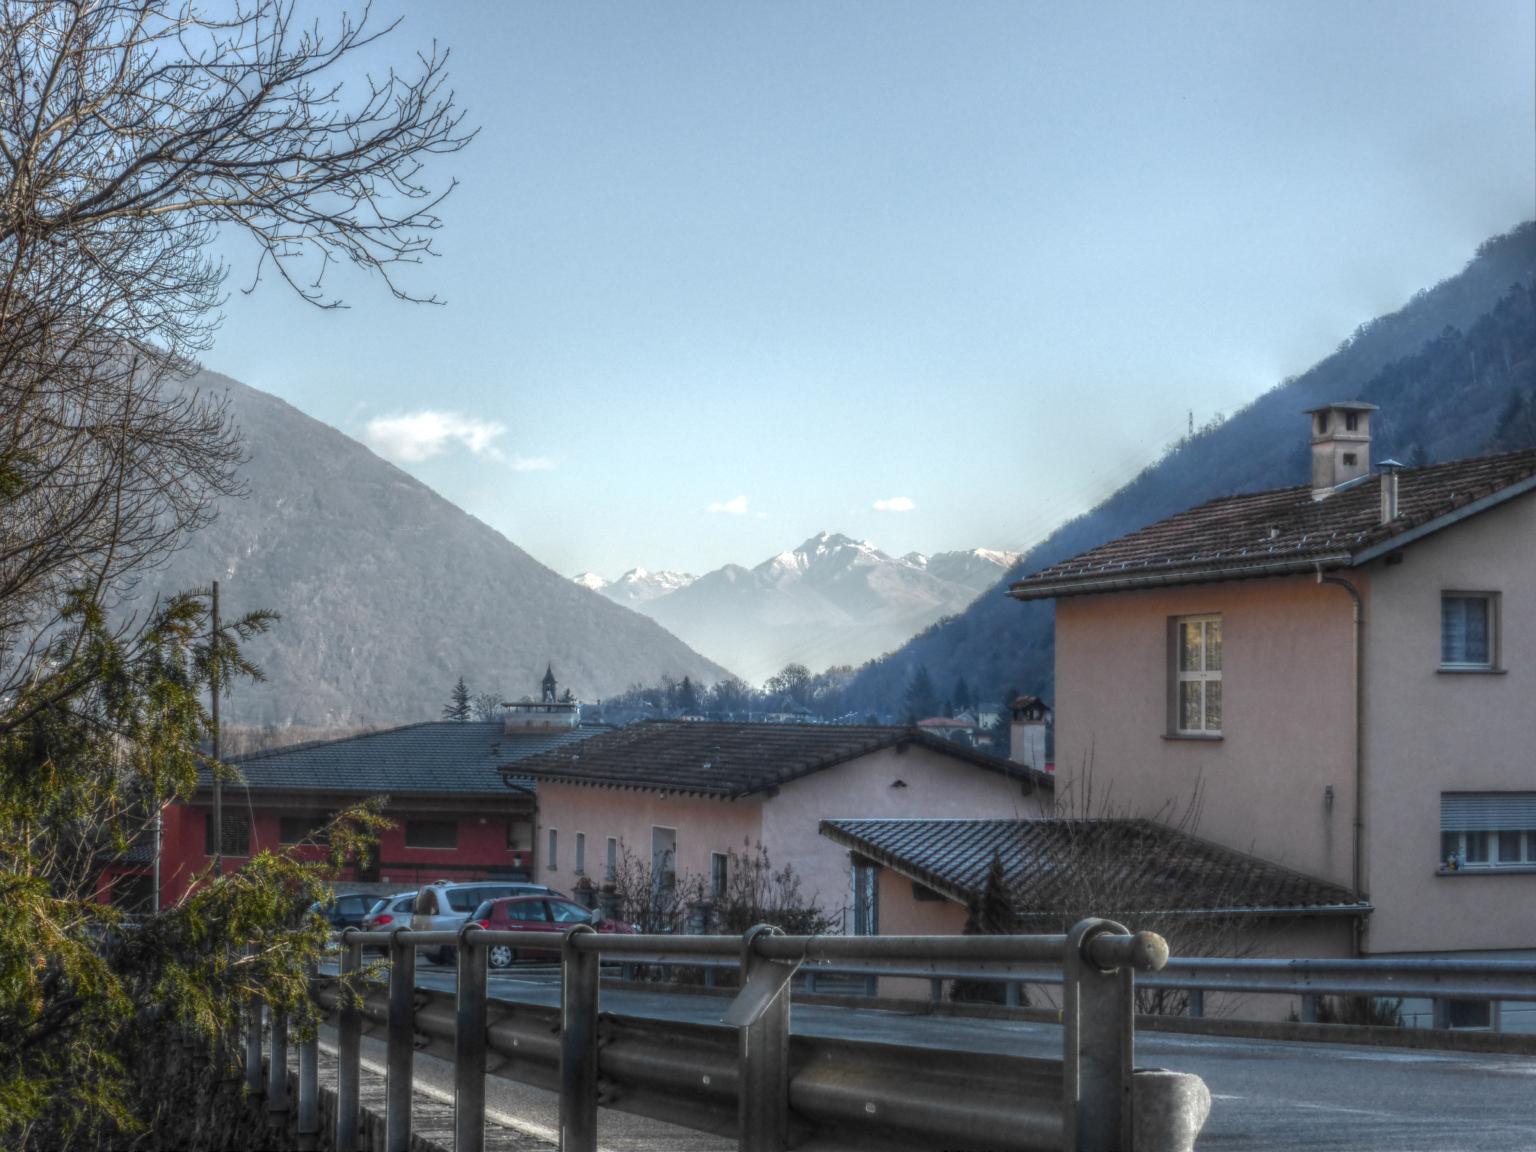 Kurz vor Intragna, im Hintergrund Berge südlich von Bellinzona.